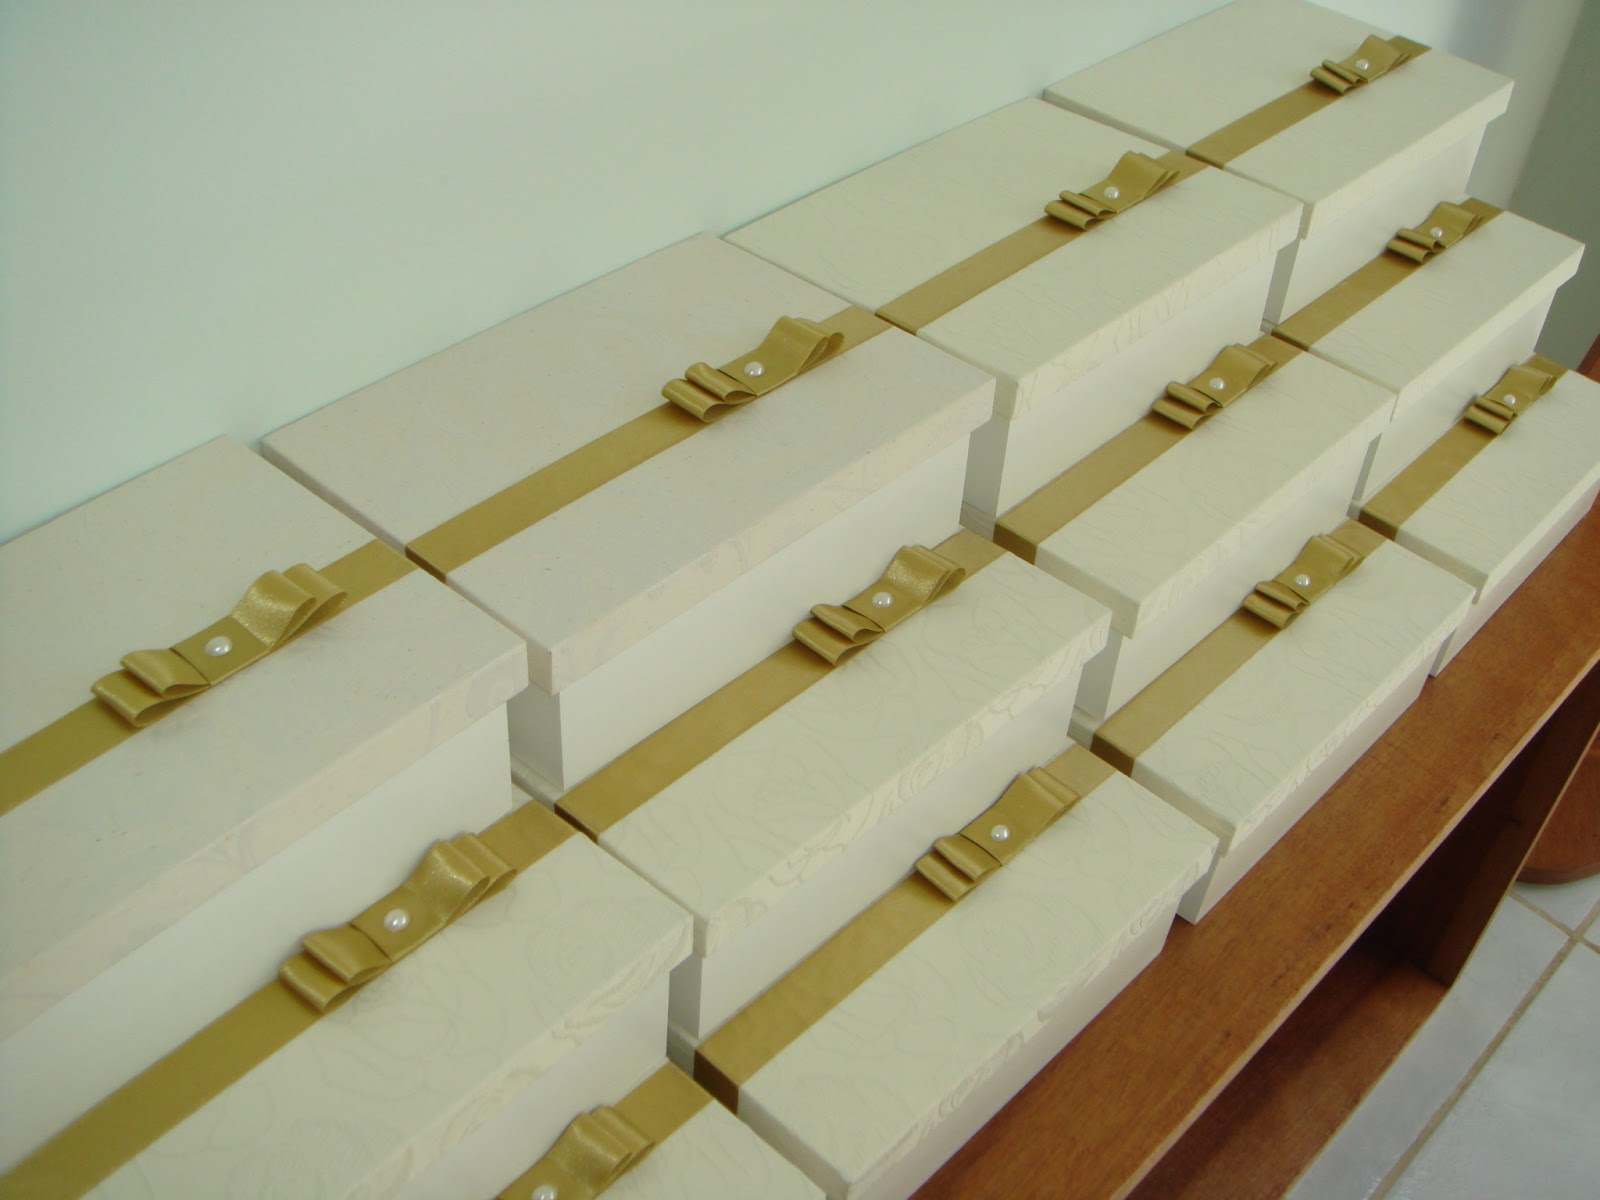 Caixas de MariaA: CAIXAS PARA PADRINHOS! #34180C 1600x1200